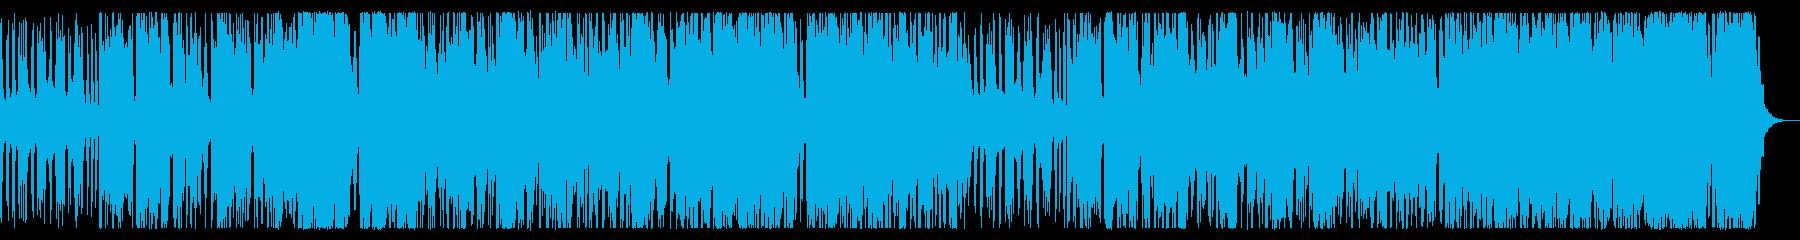 ミステリアスな戦闘向けチップチューンの再生済みの波形